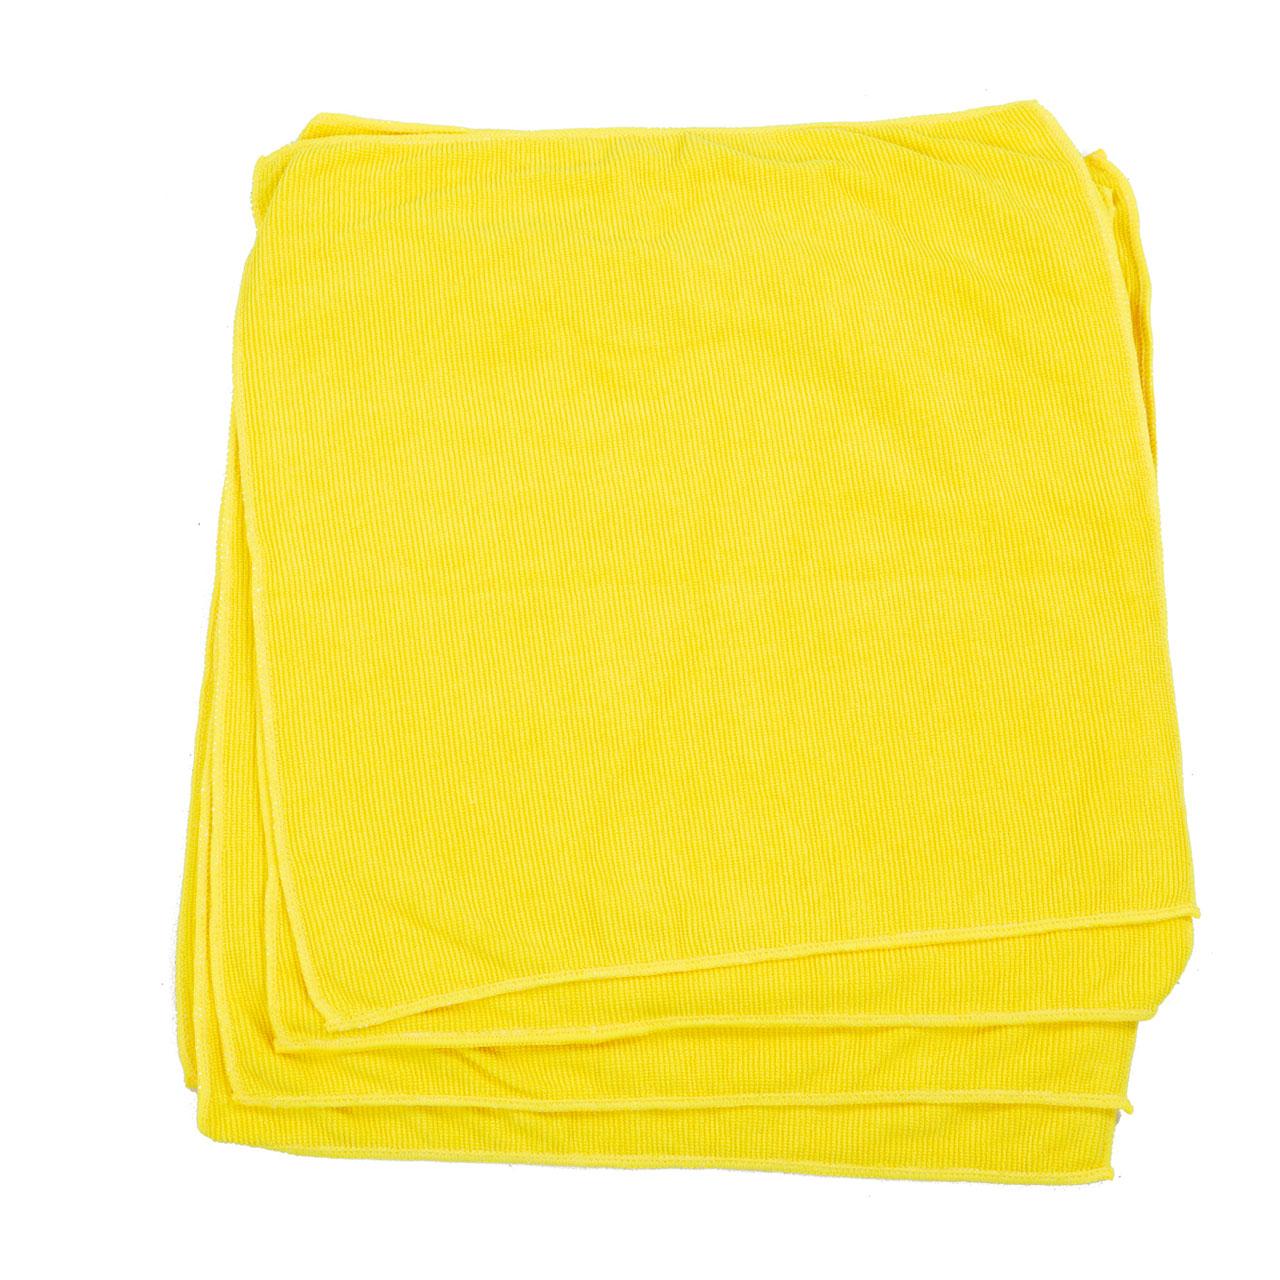 MF Noppentuch gelb, MUVA CLEAN